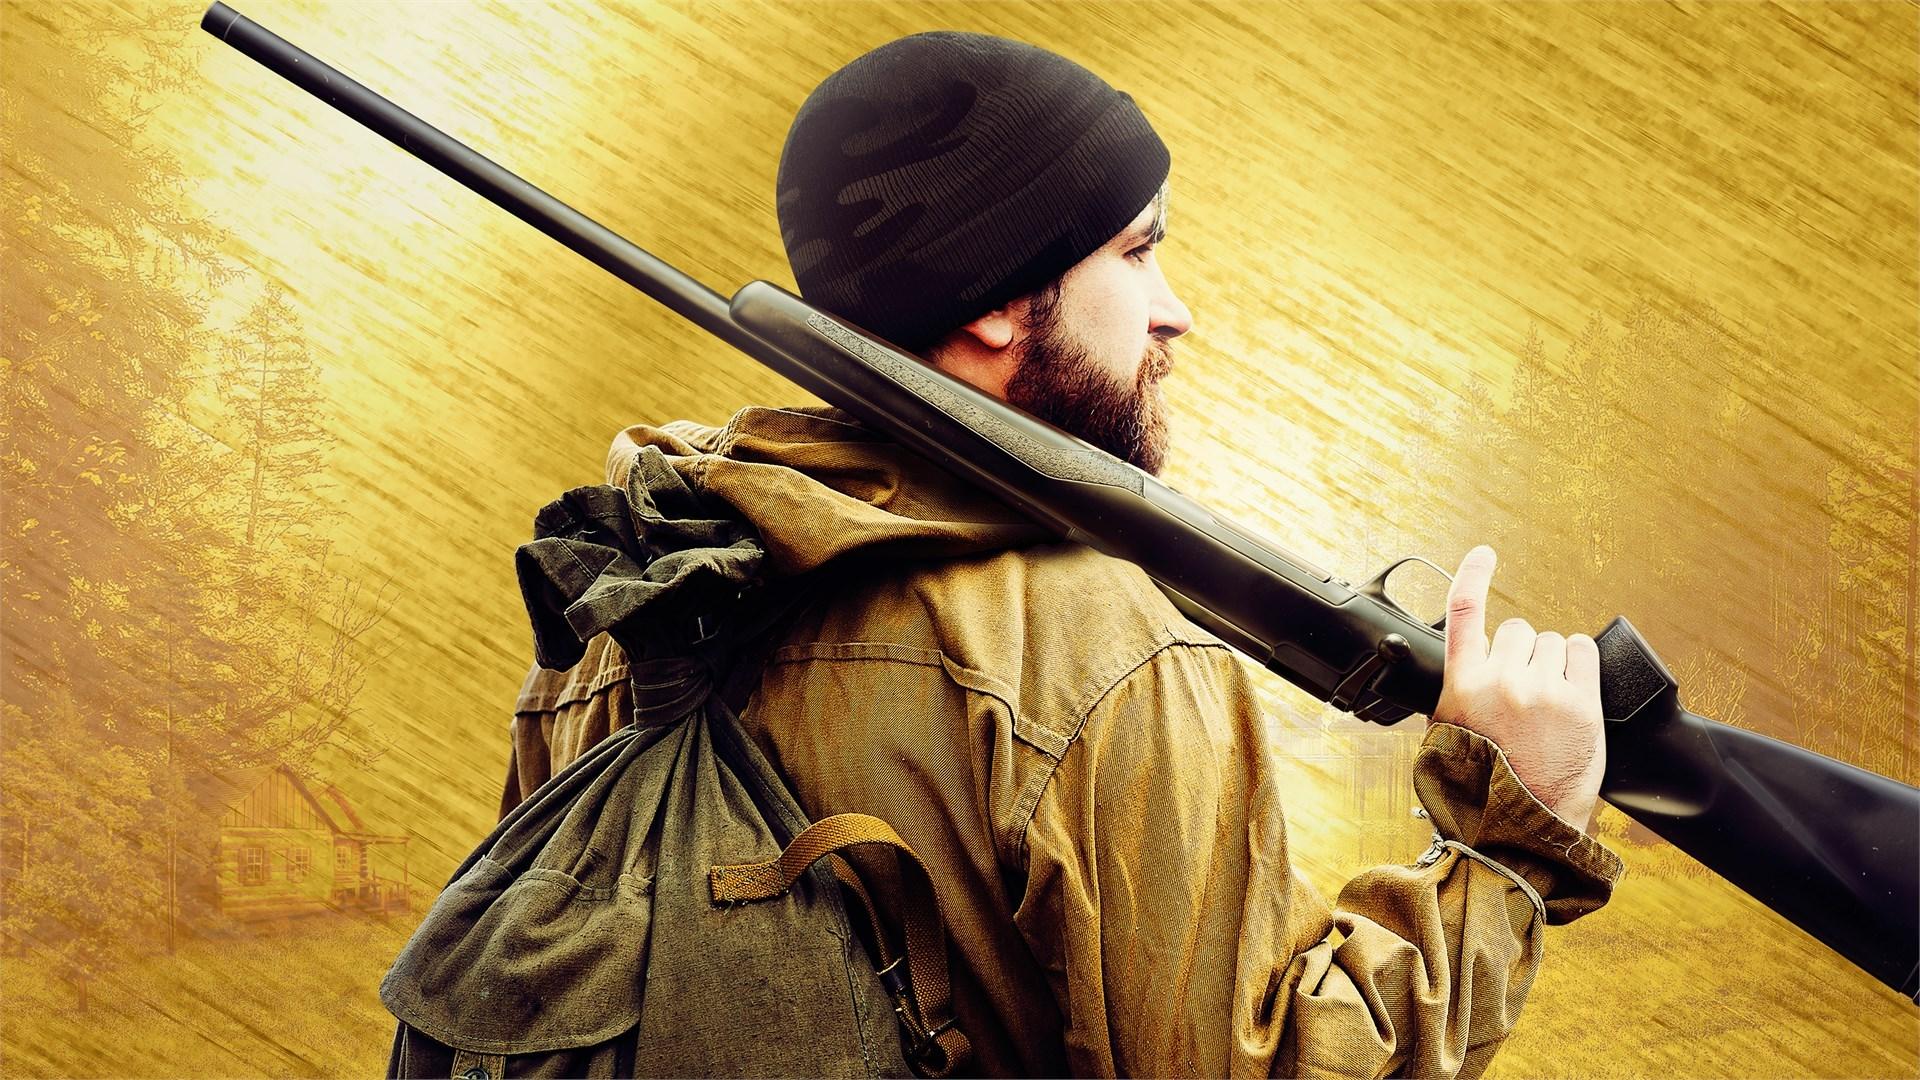 hunting simulator 2 game wallpaper 74044